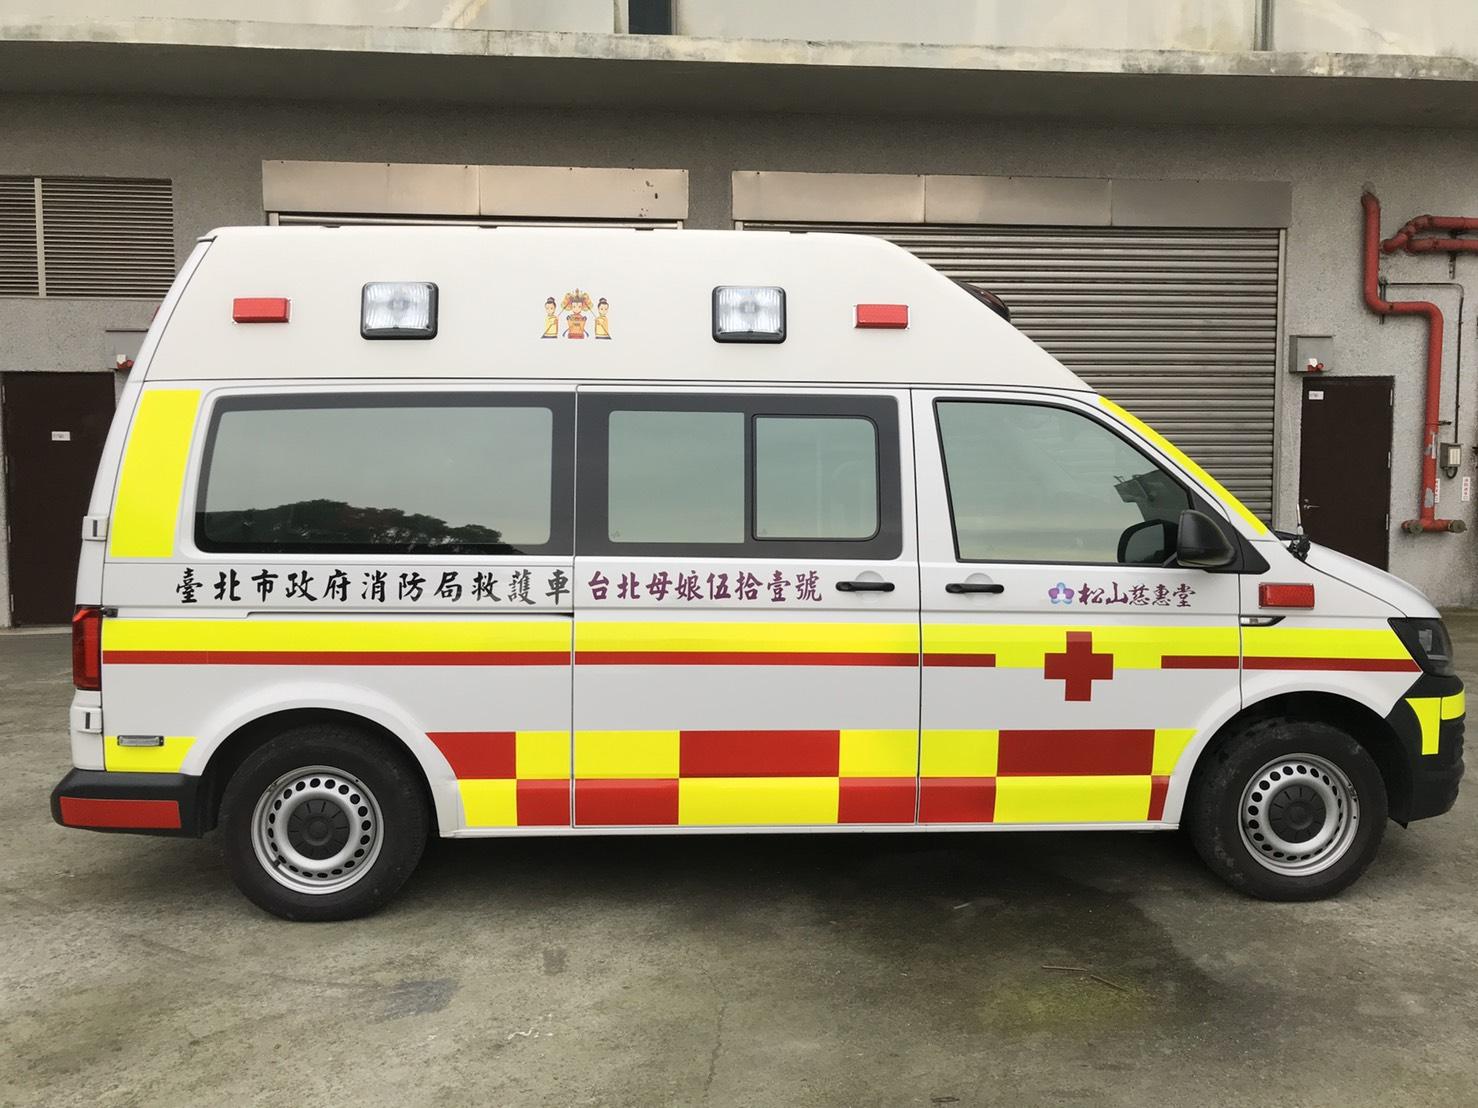 3M鑽石級反光-緊急救護車輛應用-反光紙